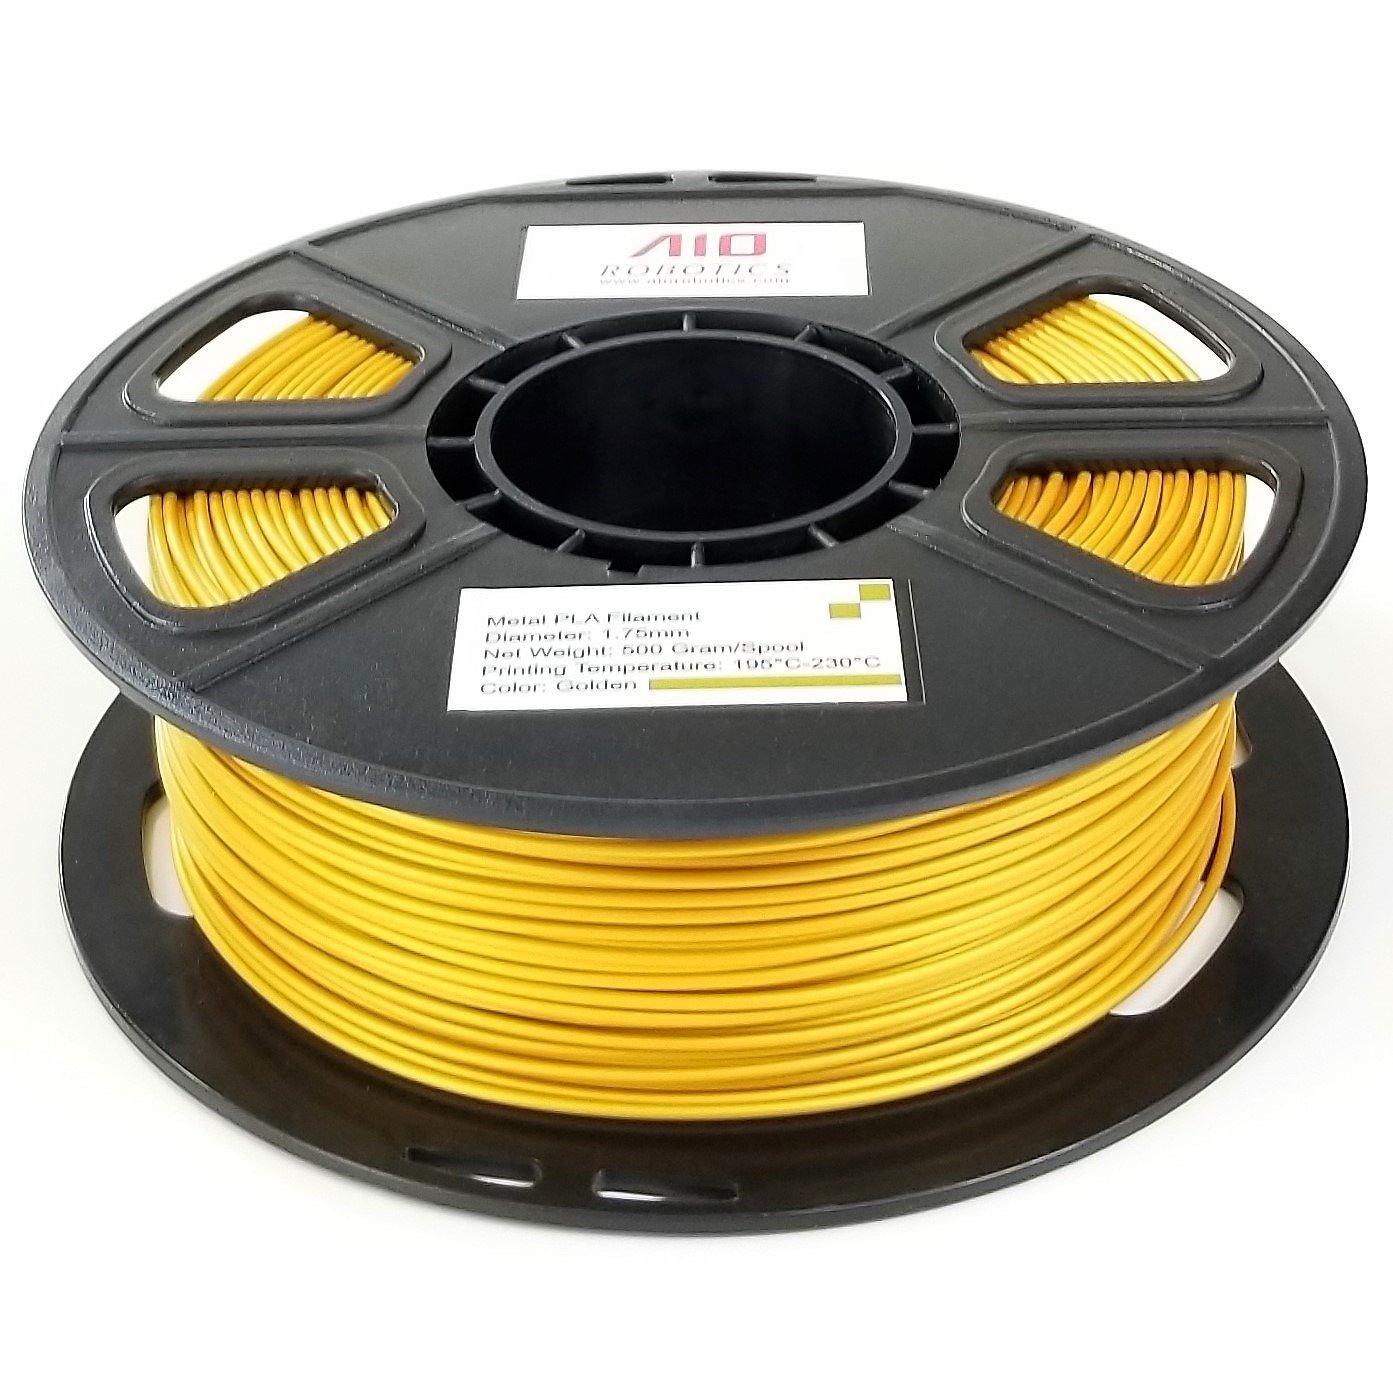 1.75 mm AIO Robotics AIOMETALGOLD PLA 3D Printer Filament 0.5 kg Spool Metal Gold Dimensional Accuracy +//- 0.02 mm